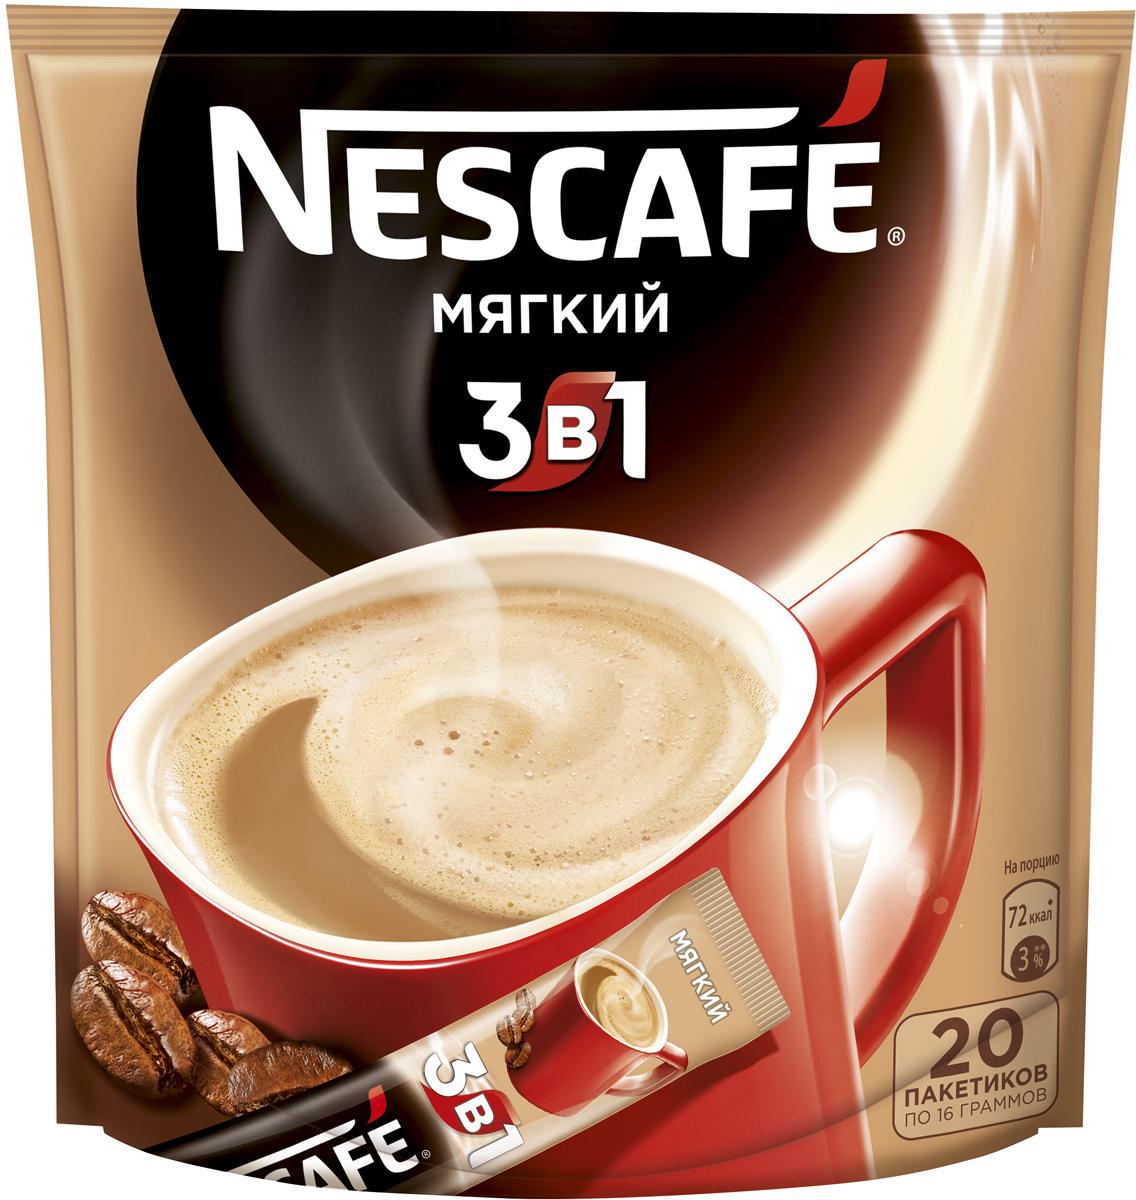 Nescafe 3 в 1 Мягкий кофе растворимый, 20 шт0120710Nescafe 3 в 1 Мягкий - кофейно-сливочный напиток, в состав которого входят высококачественные ингредиенты: кофе Nescafe, сахар, сливки растительного происхождения. Каждый пакетик Nescafe 3 в 1 подарит вам идеальное сочетание кофе, сливок, сахара!